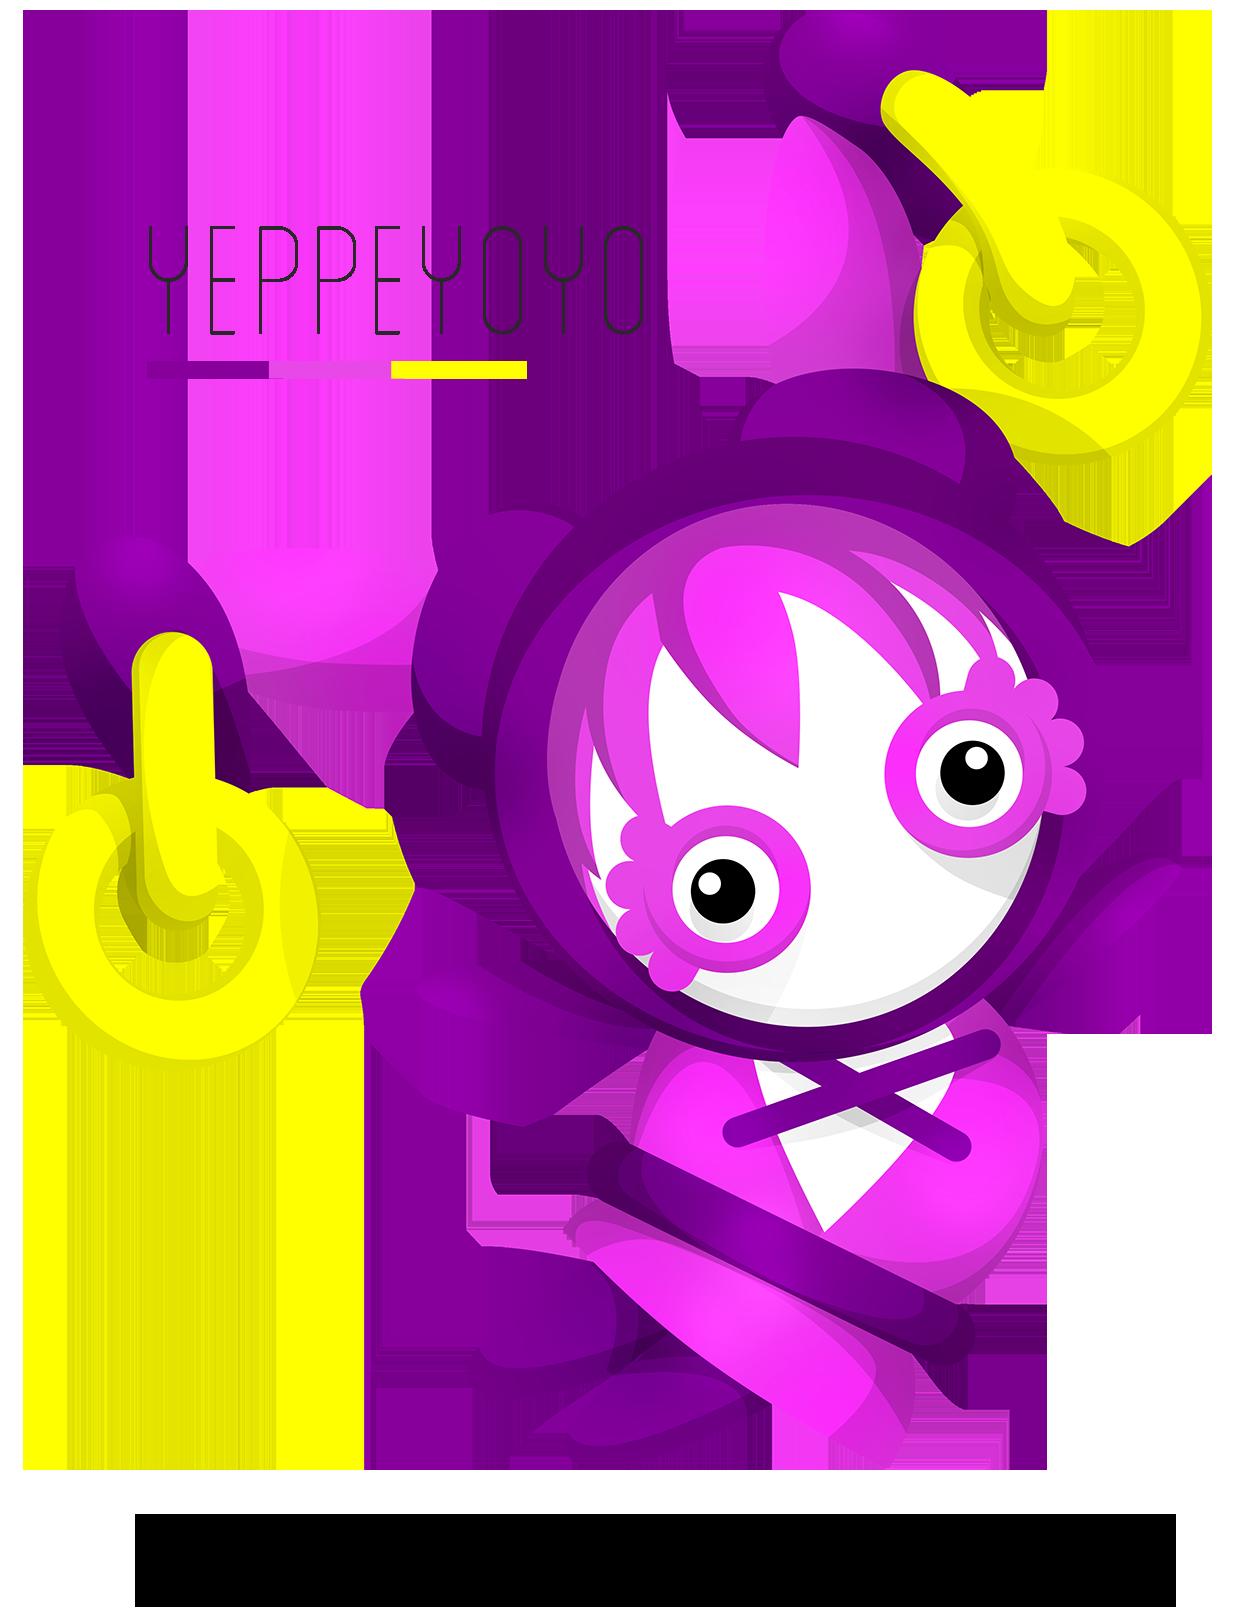 Yeppeyoyo